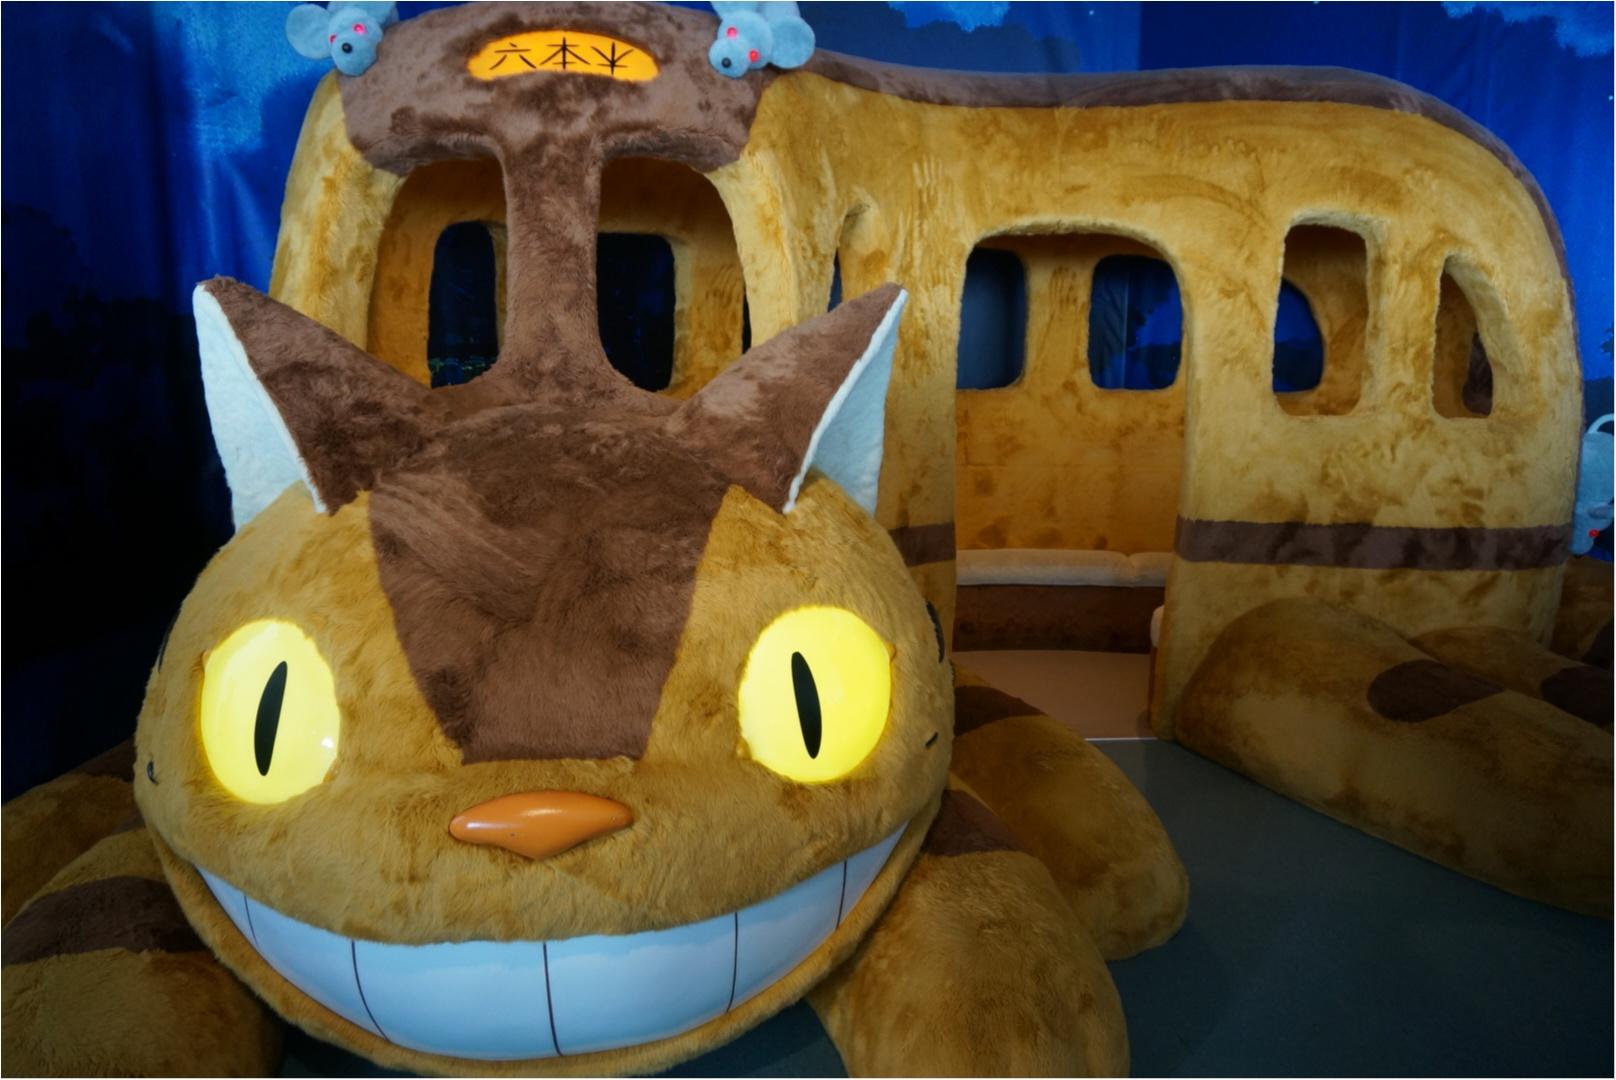 次のお出かけスポットはここで決まり!猫バスに乗ろう♪子供から大人まで大興奮の【ジブリの大博覧会】(^_^)/_2